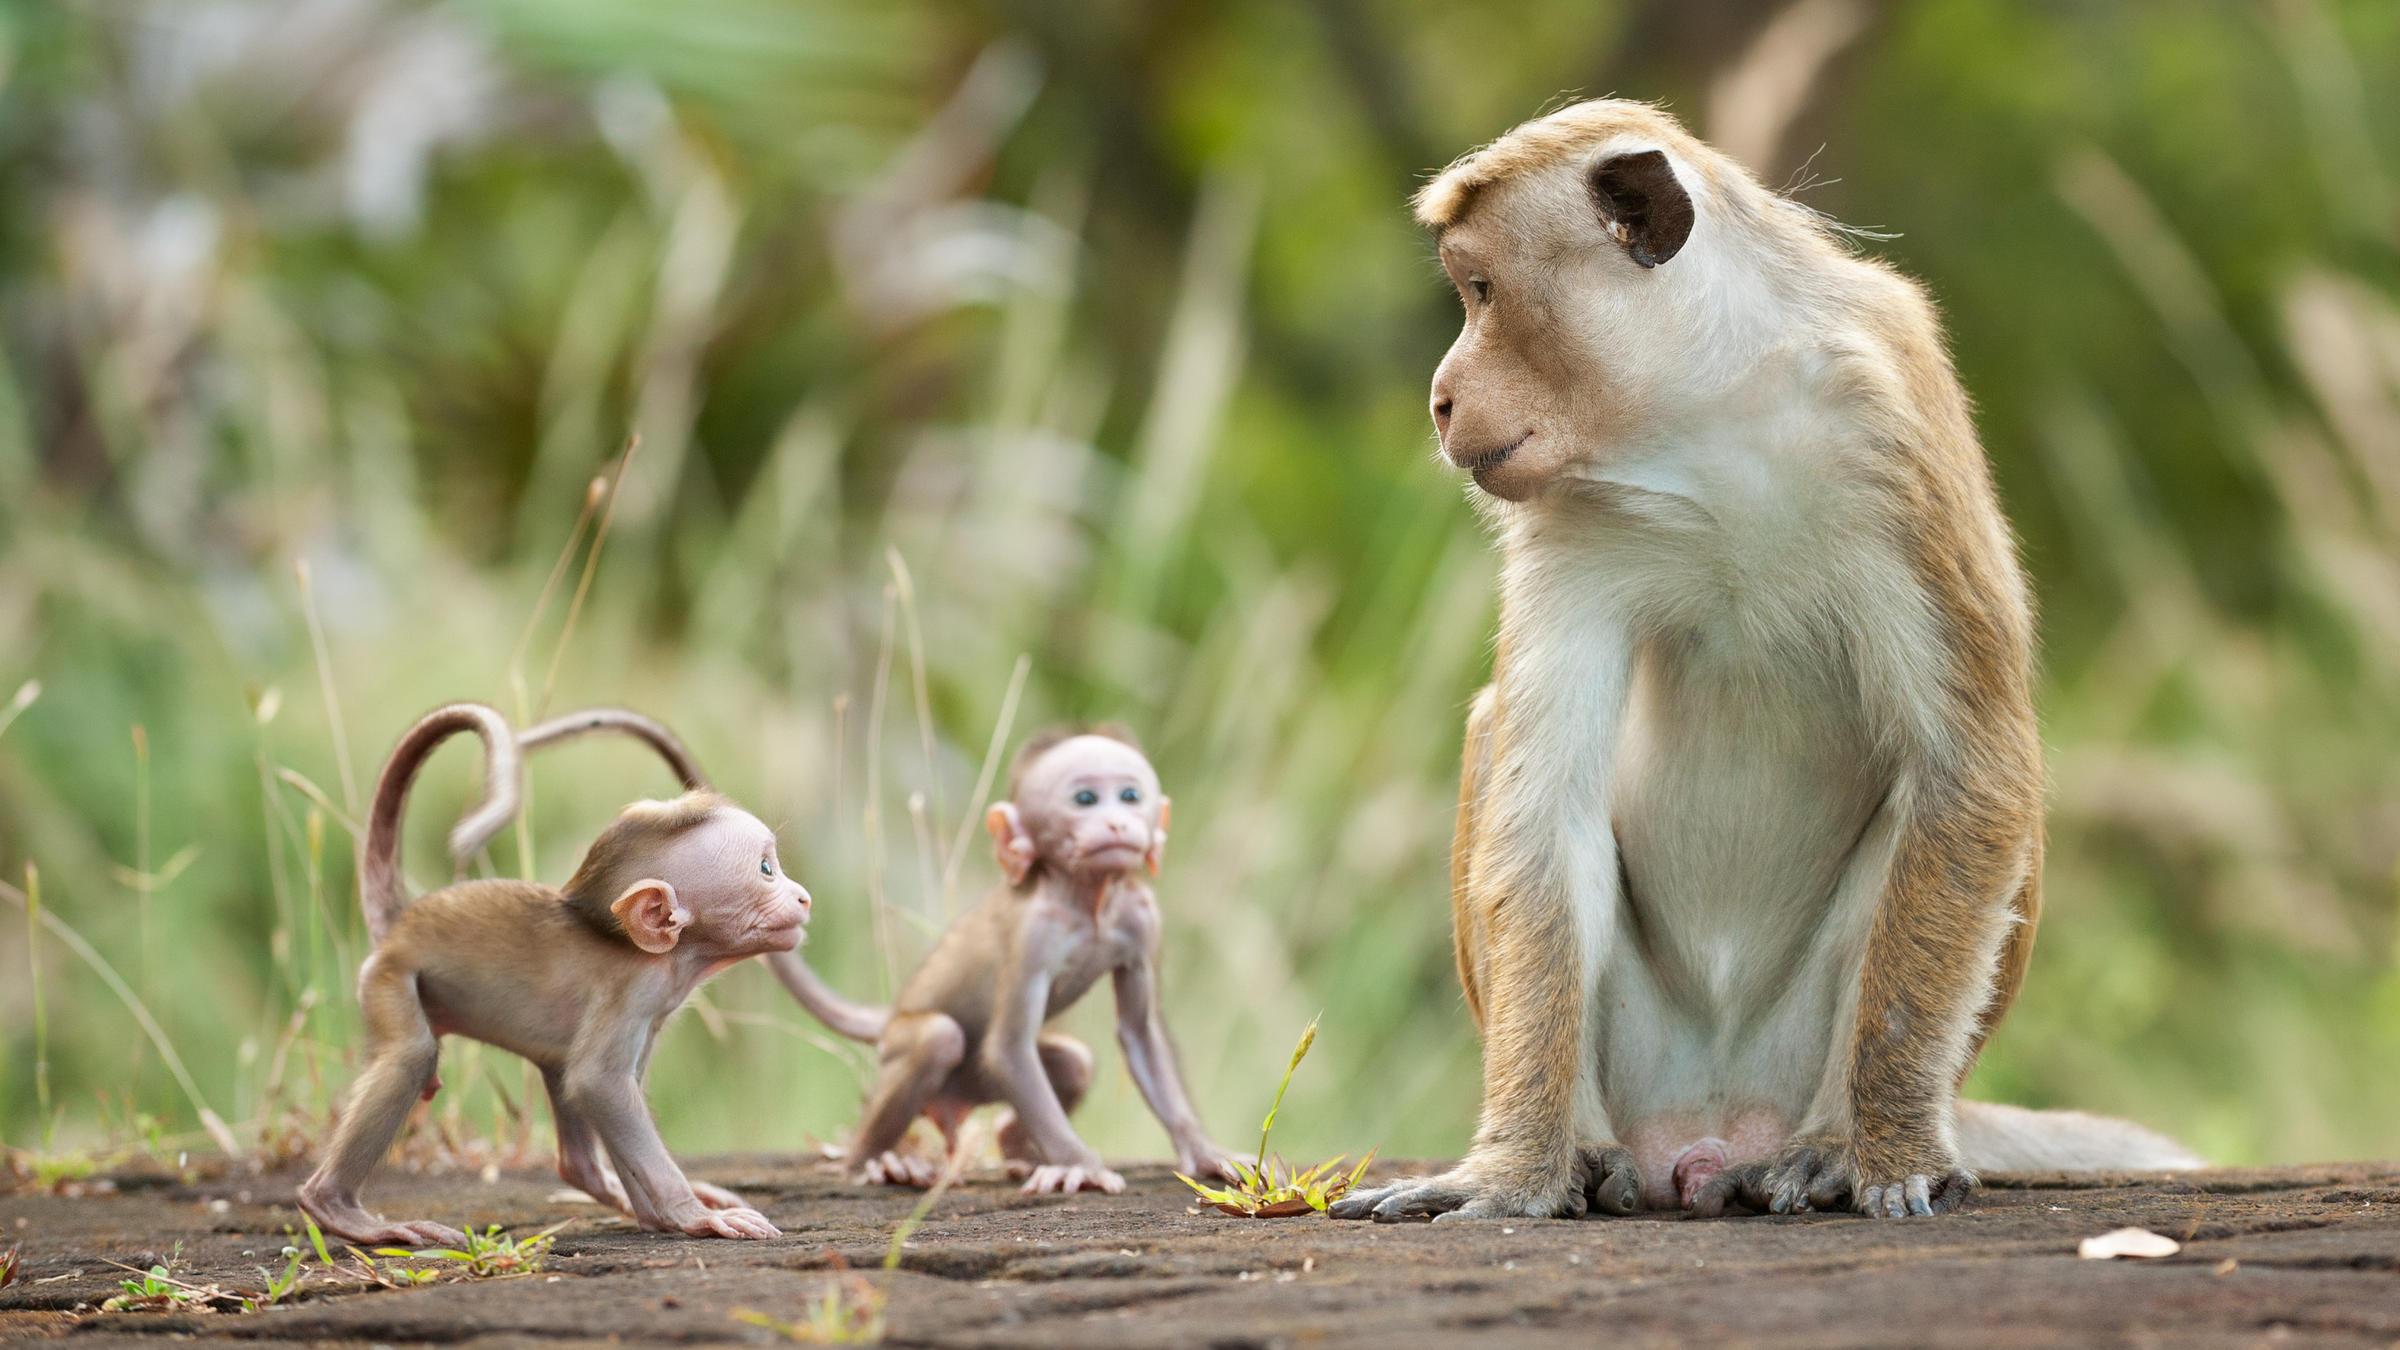 Hình ảnh khỉ mẹ và khỉ con